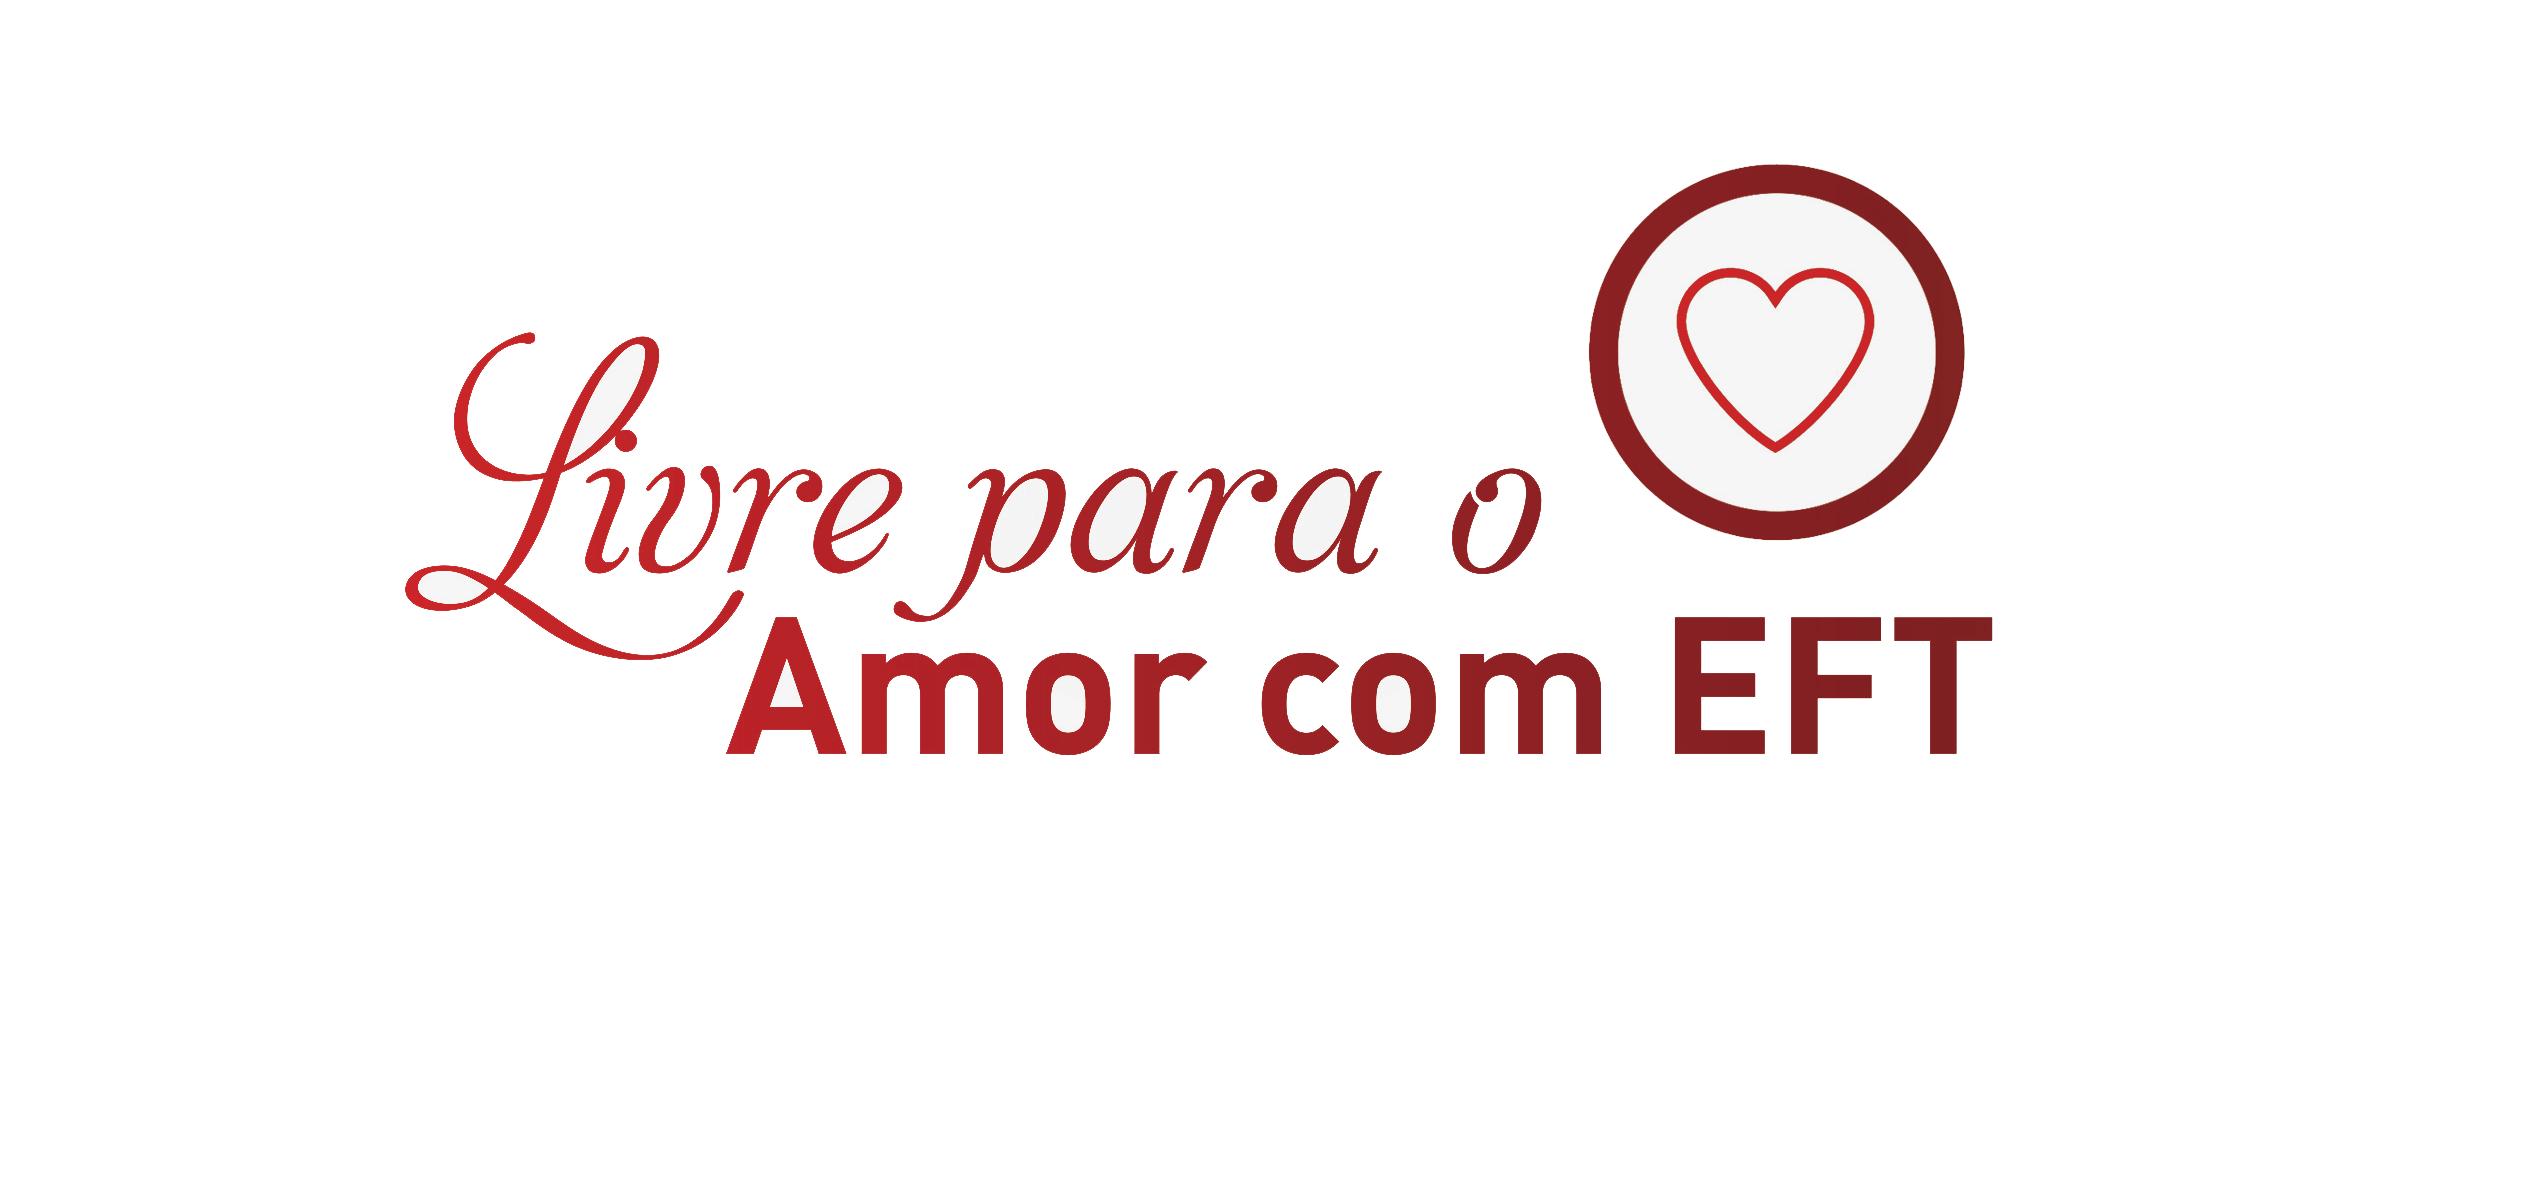 Livre para o amor com EFT